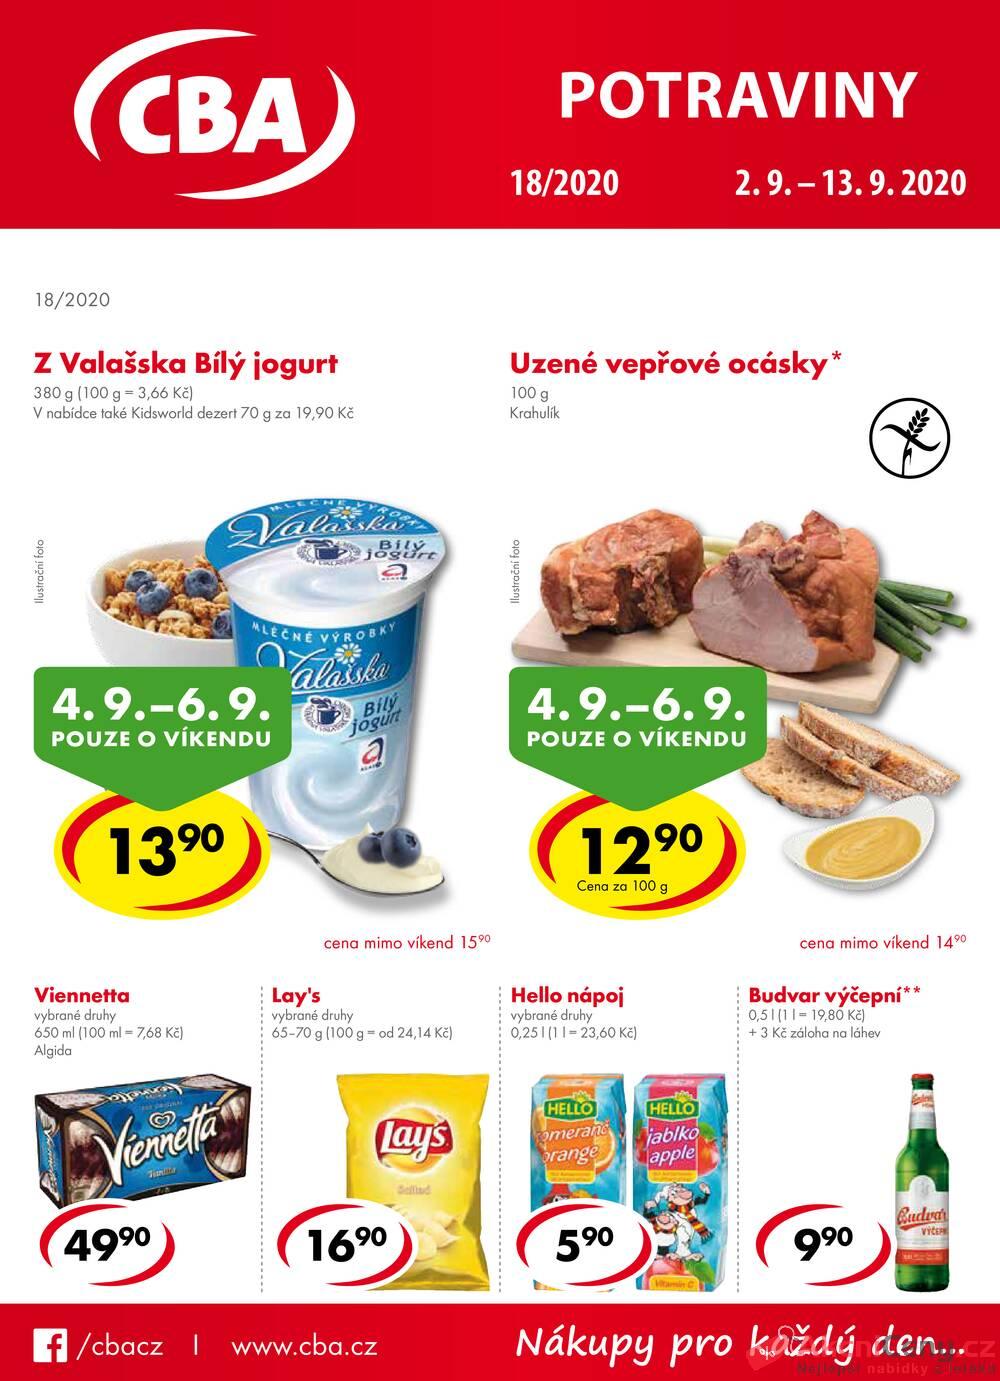 Leták CBA prodejní družstvo - CBA potraviny od 2.9. do 13.10.2020 - strana 1